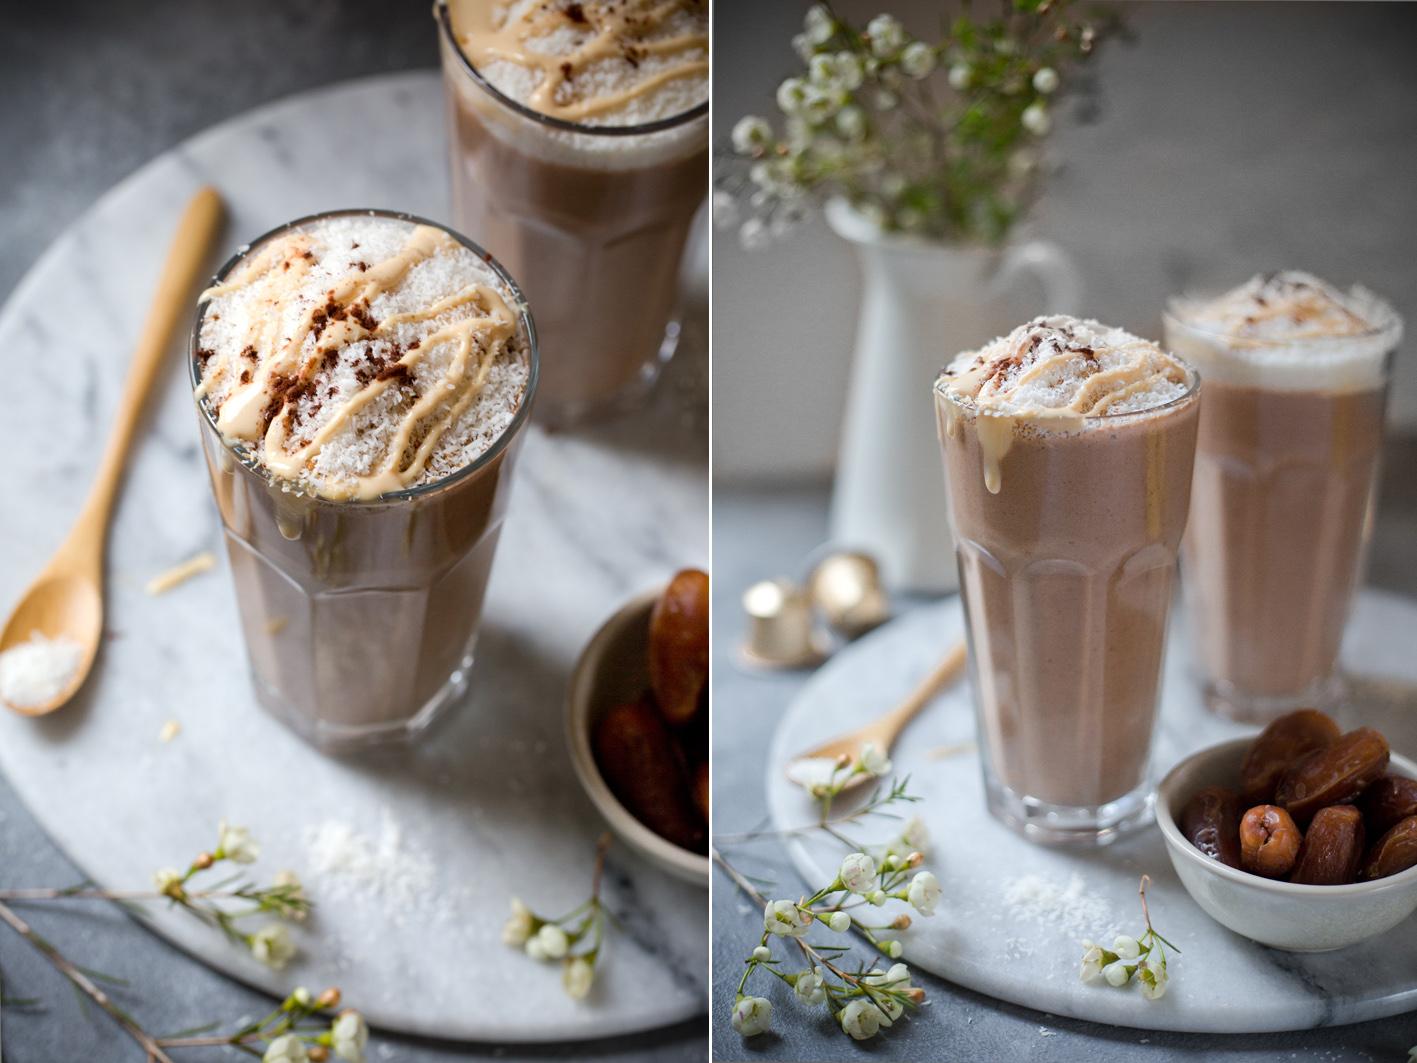 Kaffee Smoothie mit Banane, Datteln und Kokosflocken